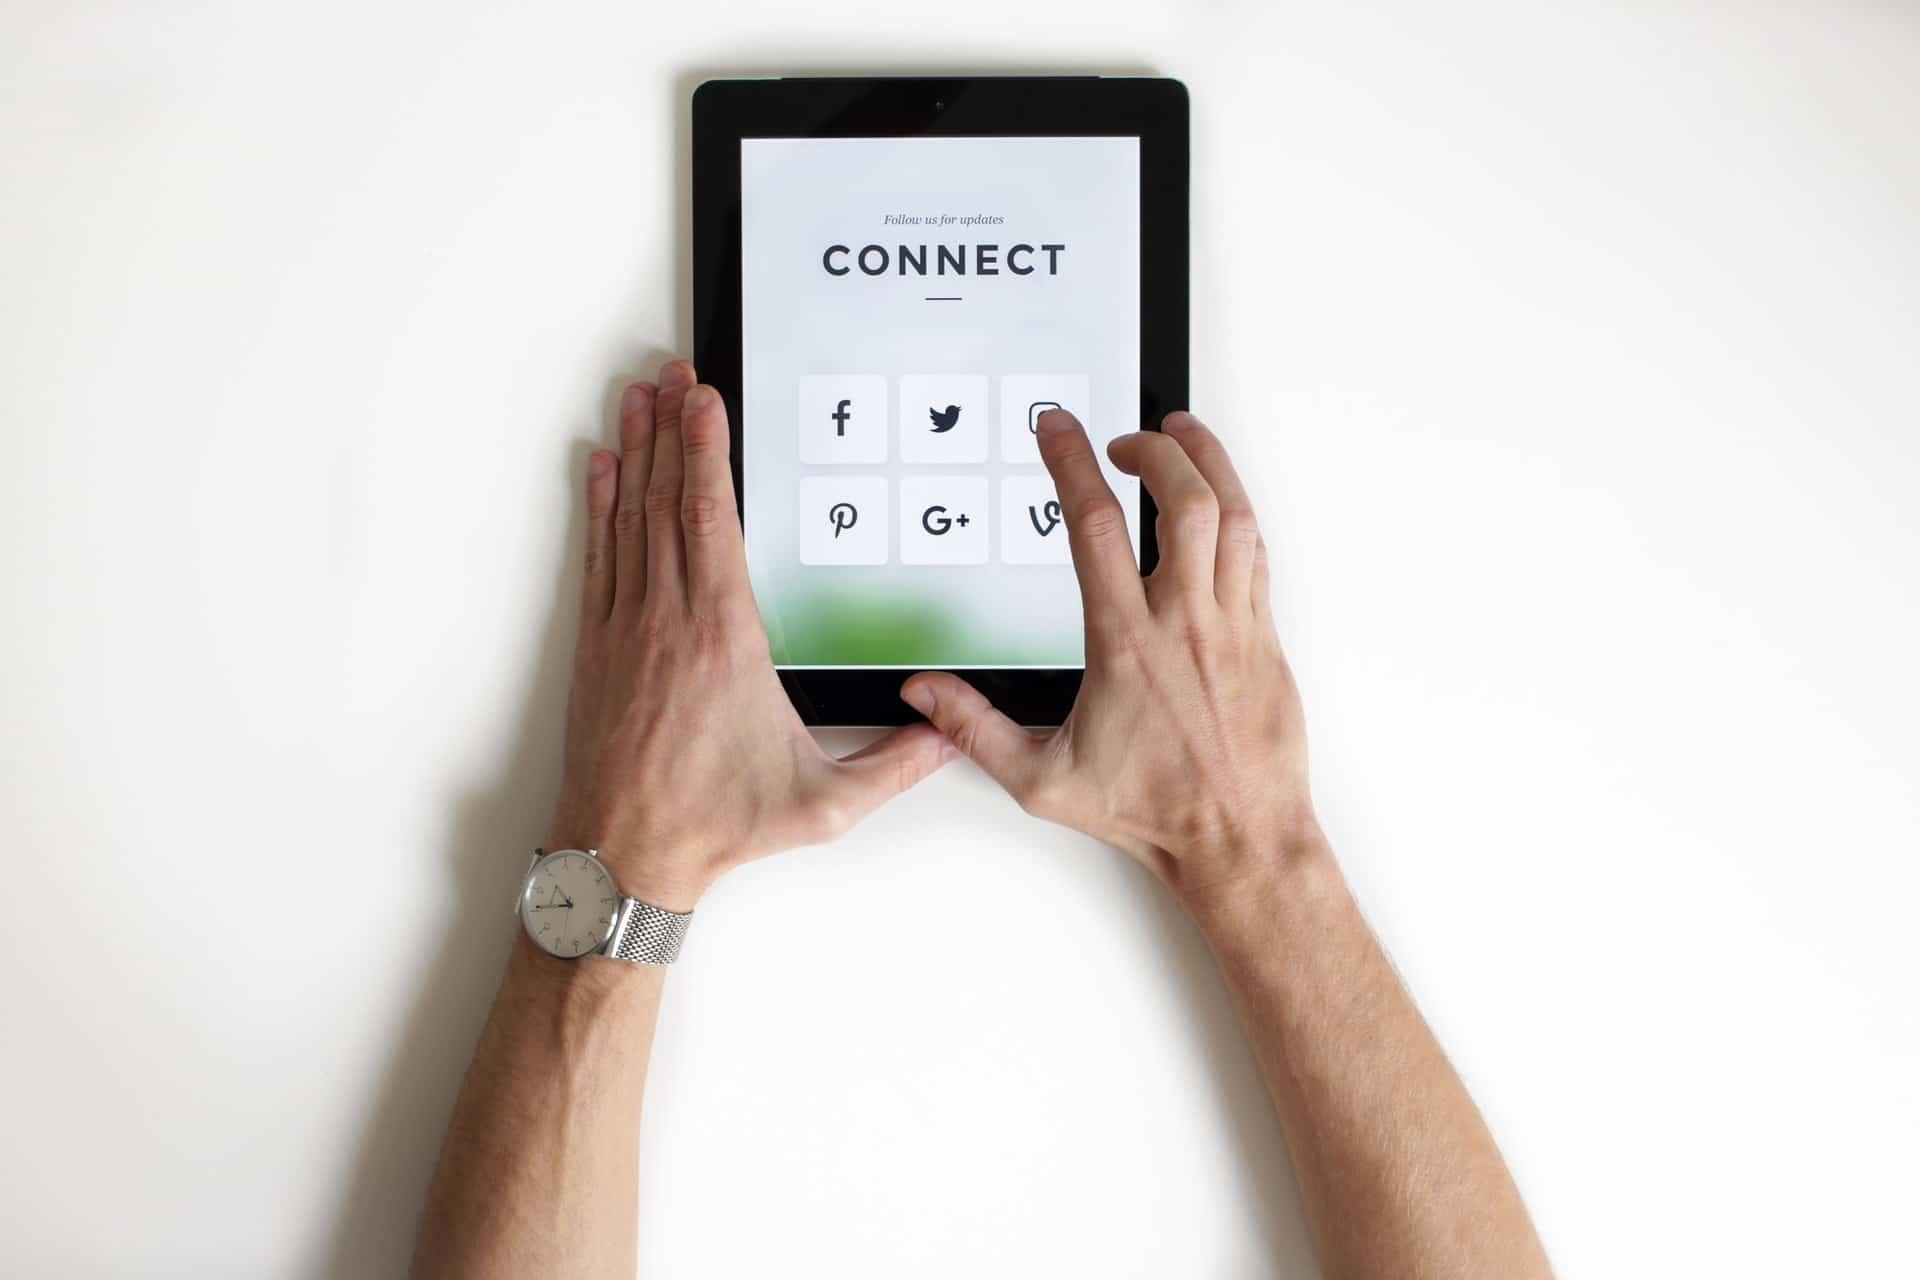 okostelefon otthon mobiltelefon telefonhasznalat technologiahasznalat